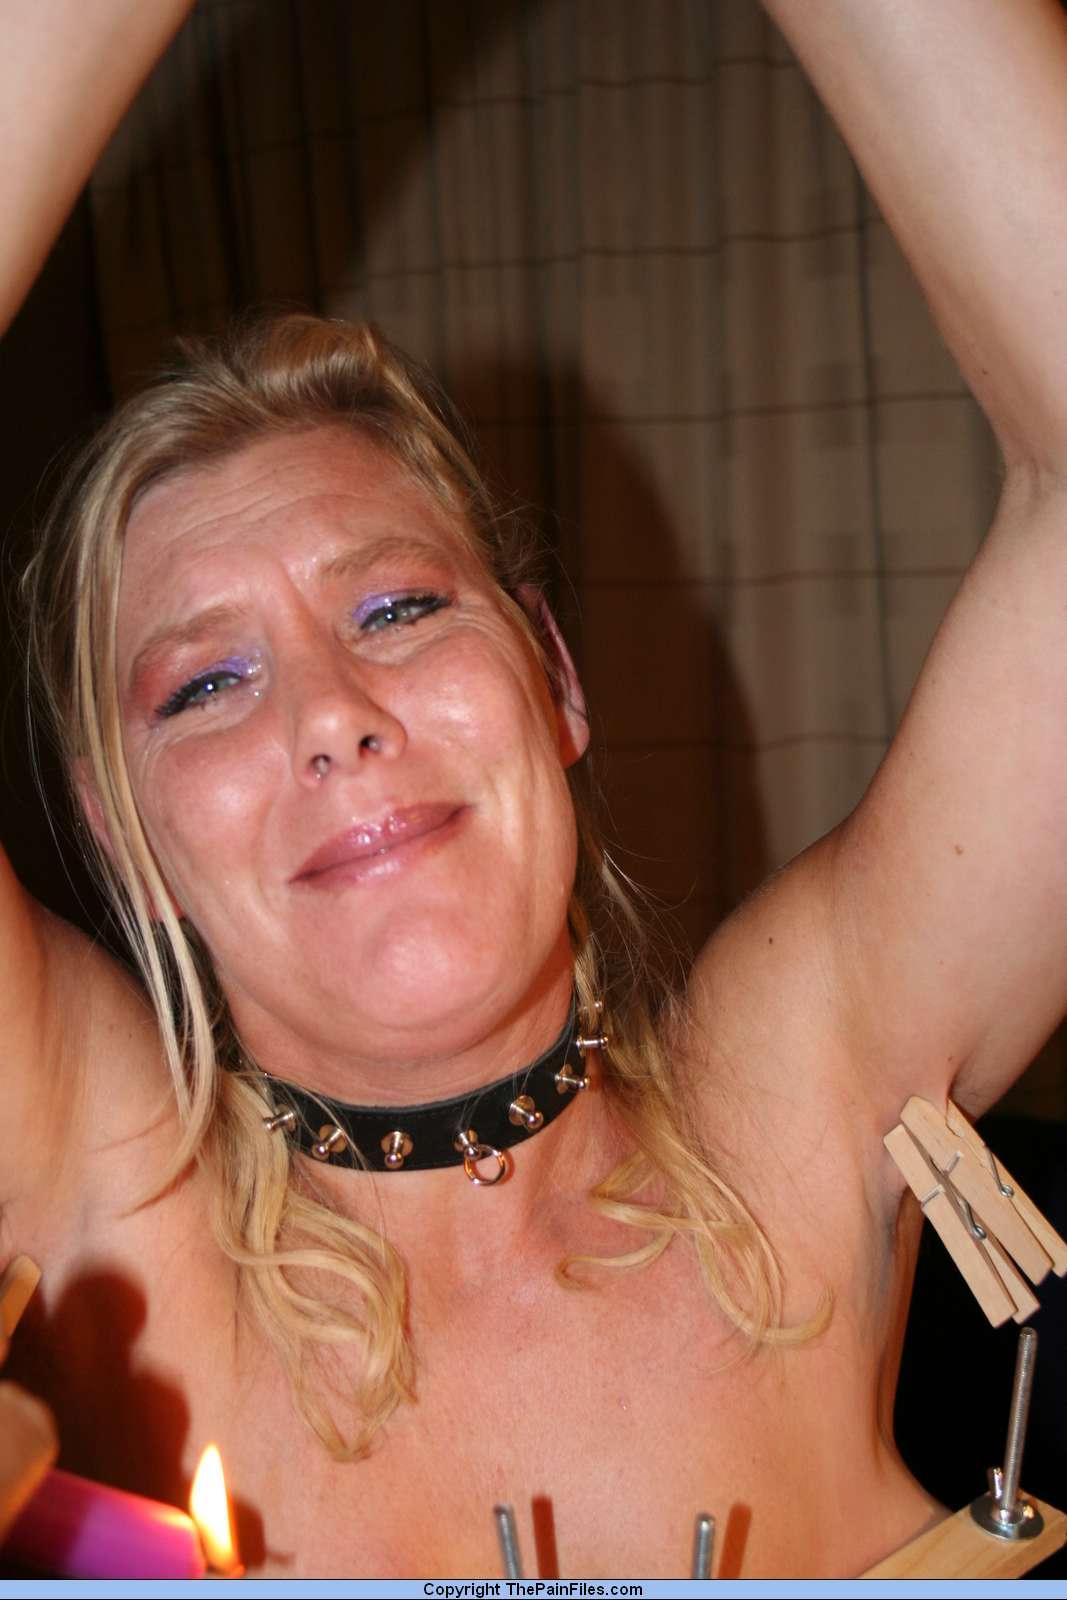 privat massasje bergen lesbian bdsm